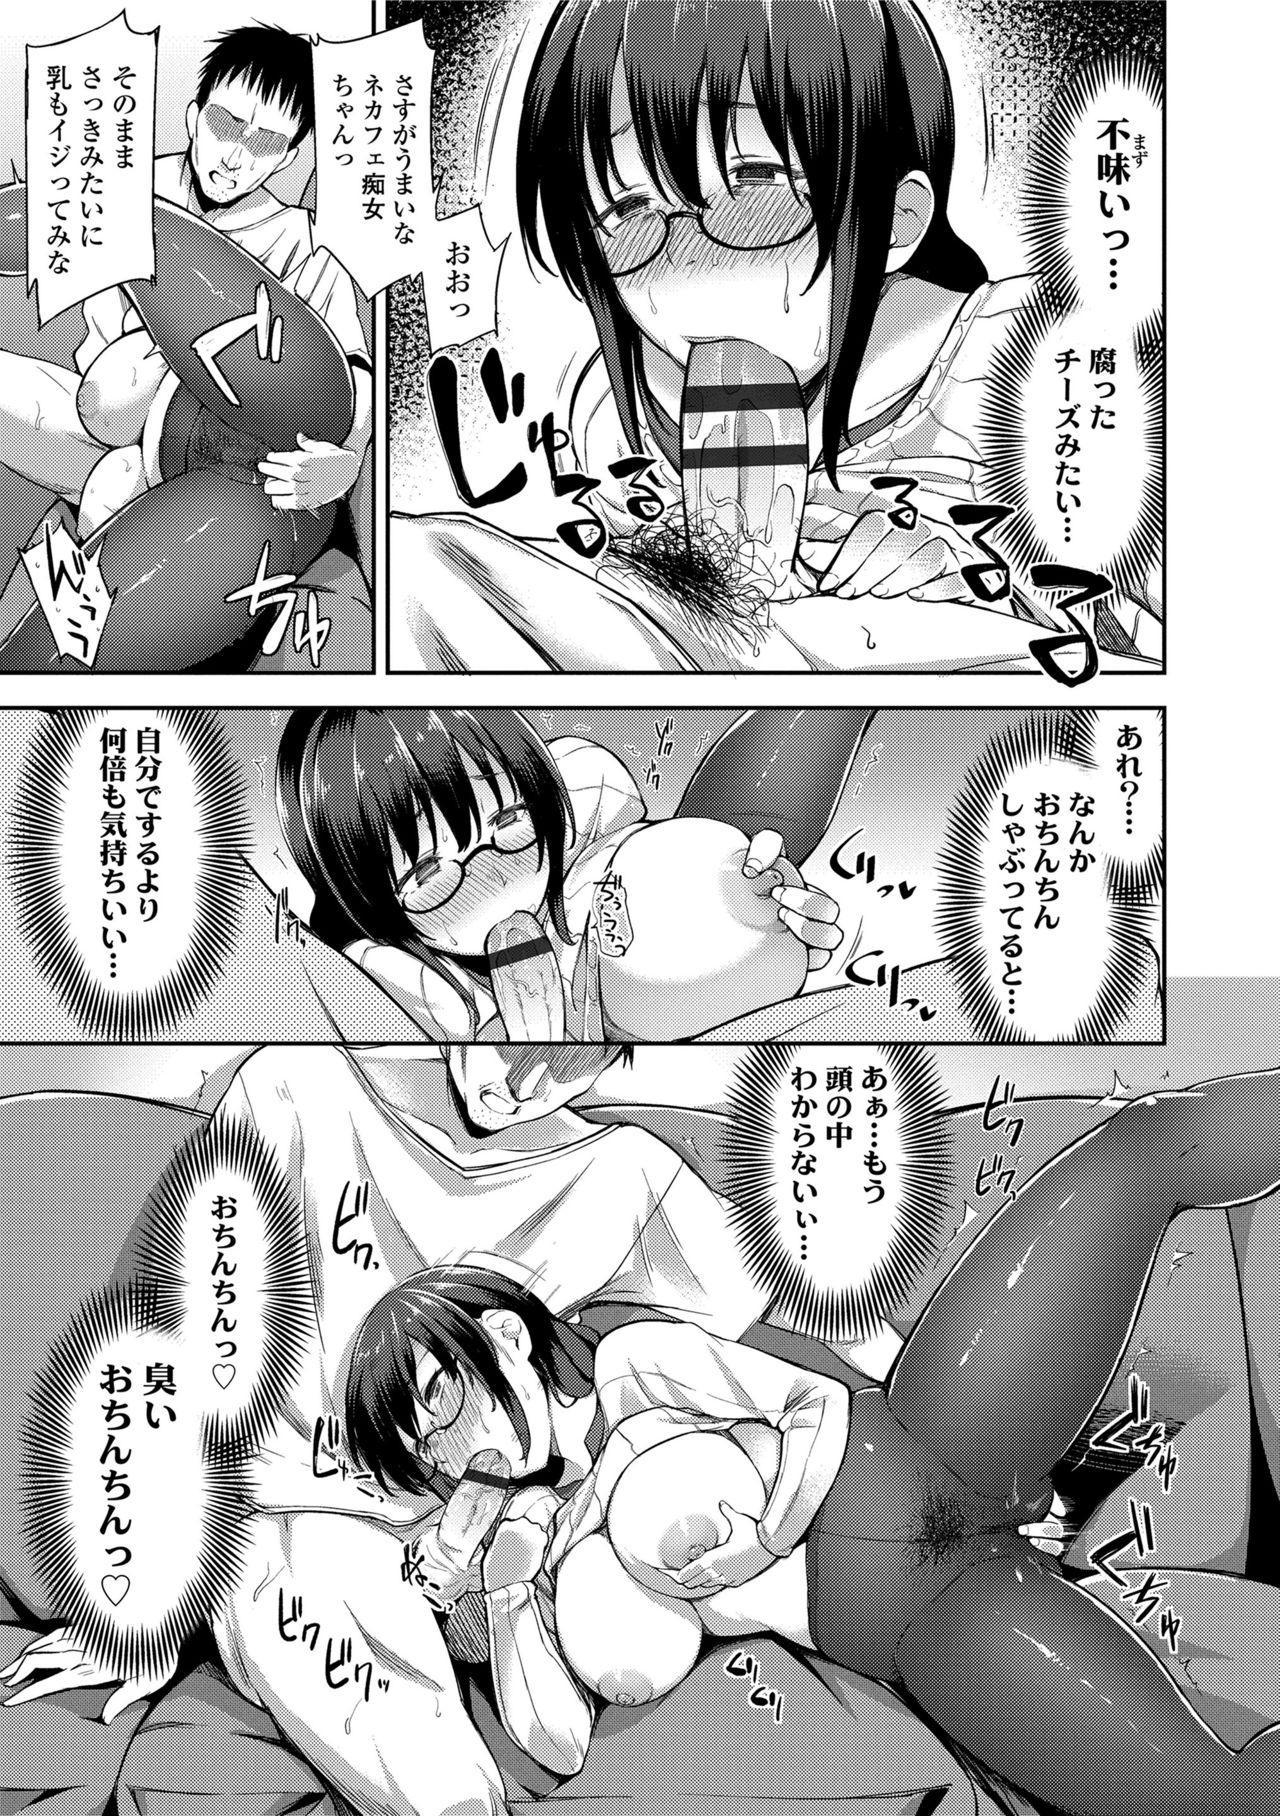 Ai ga Nakutemo Ecchi wa Dekiru! - Even if There is No Love You Can H! 154